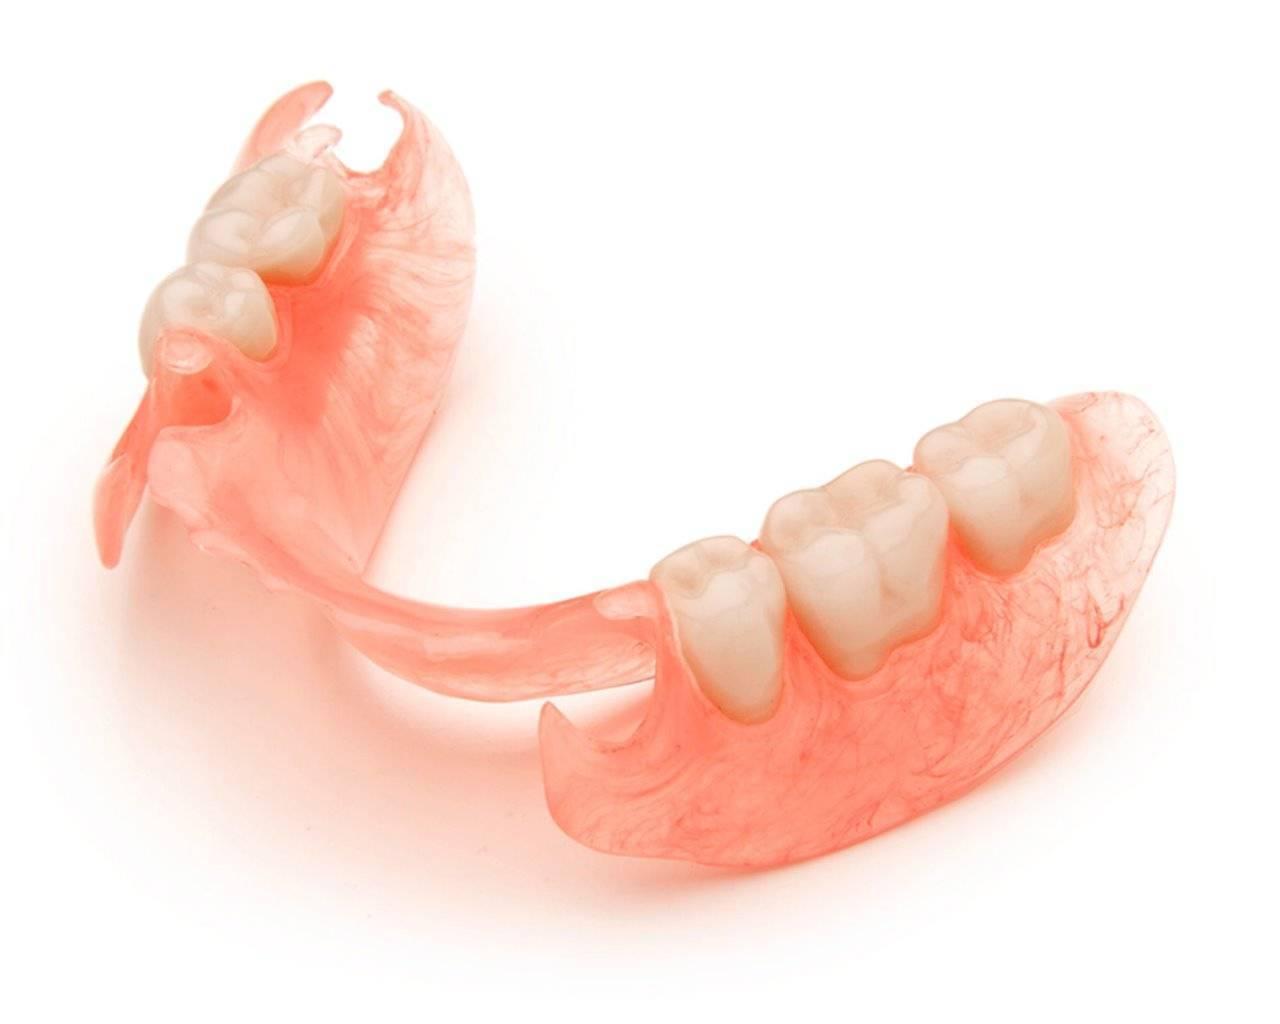 методы протезирования зубов